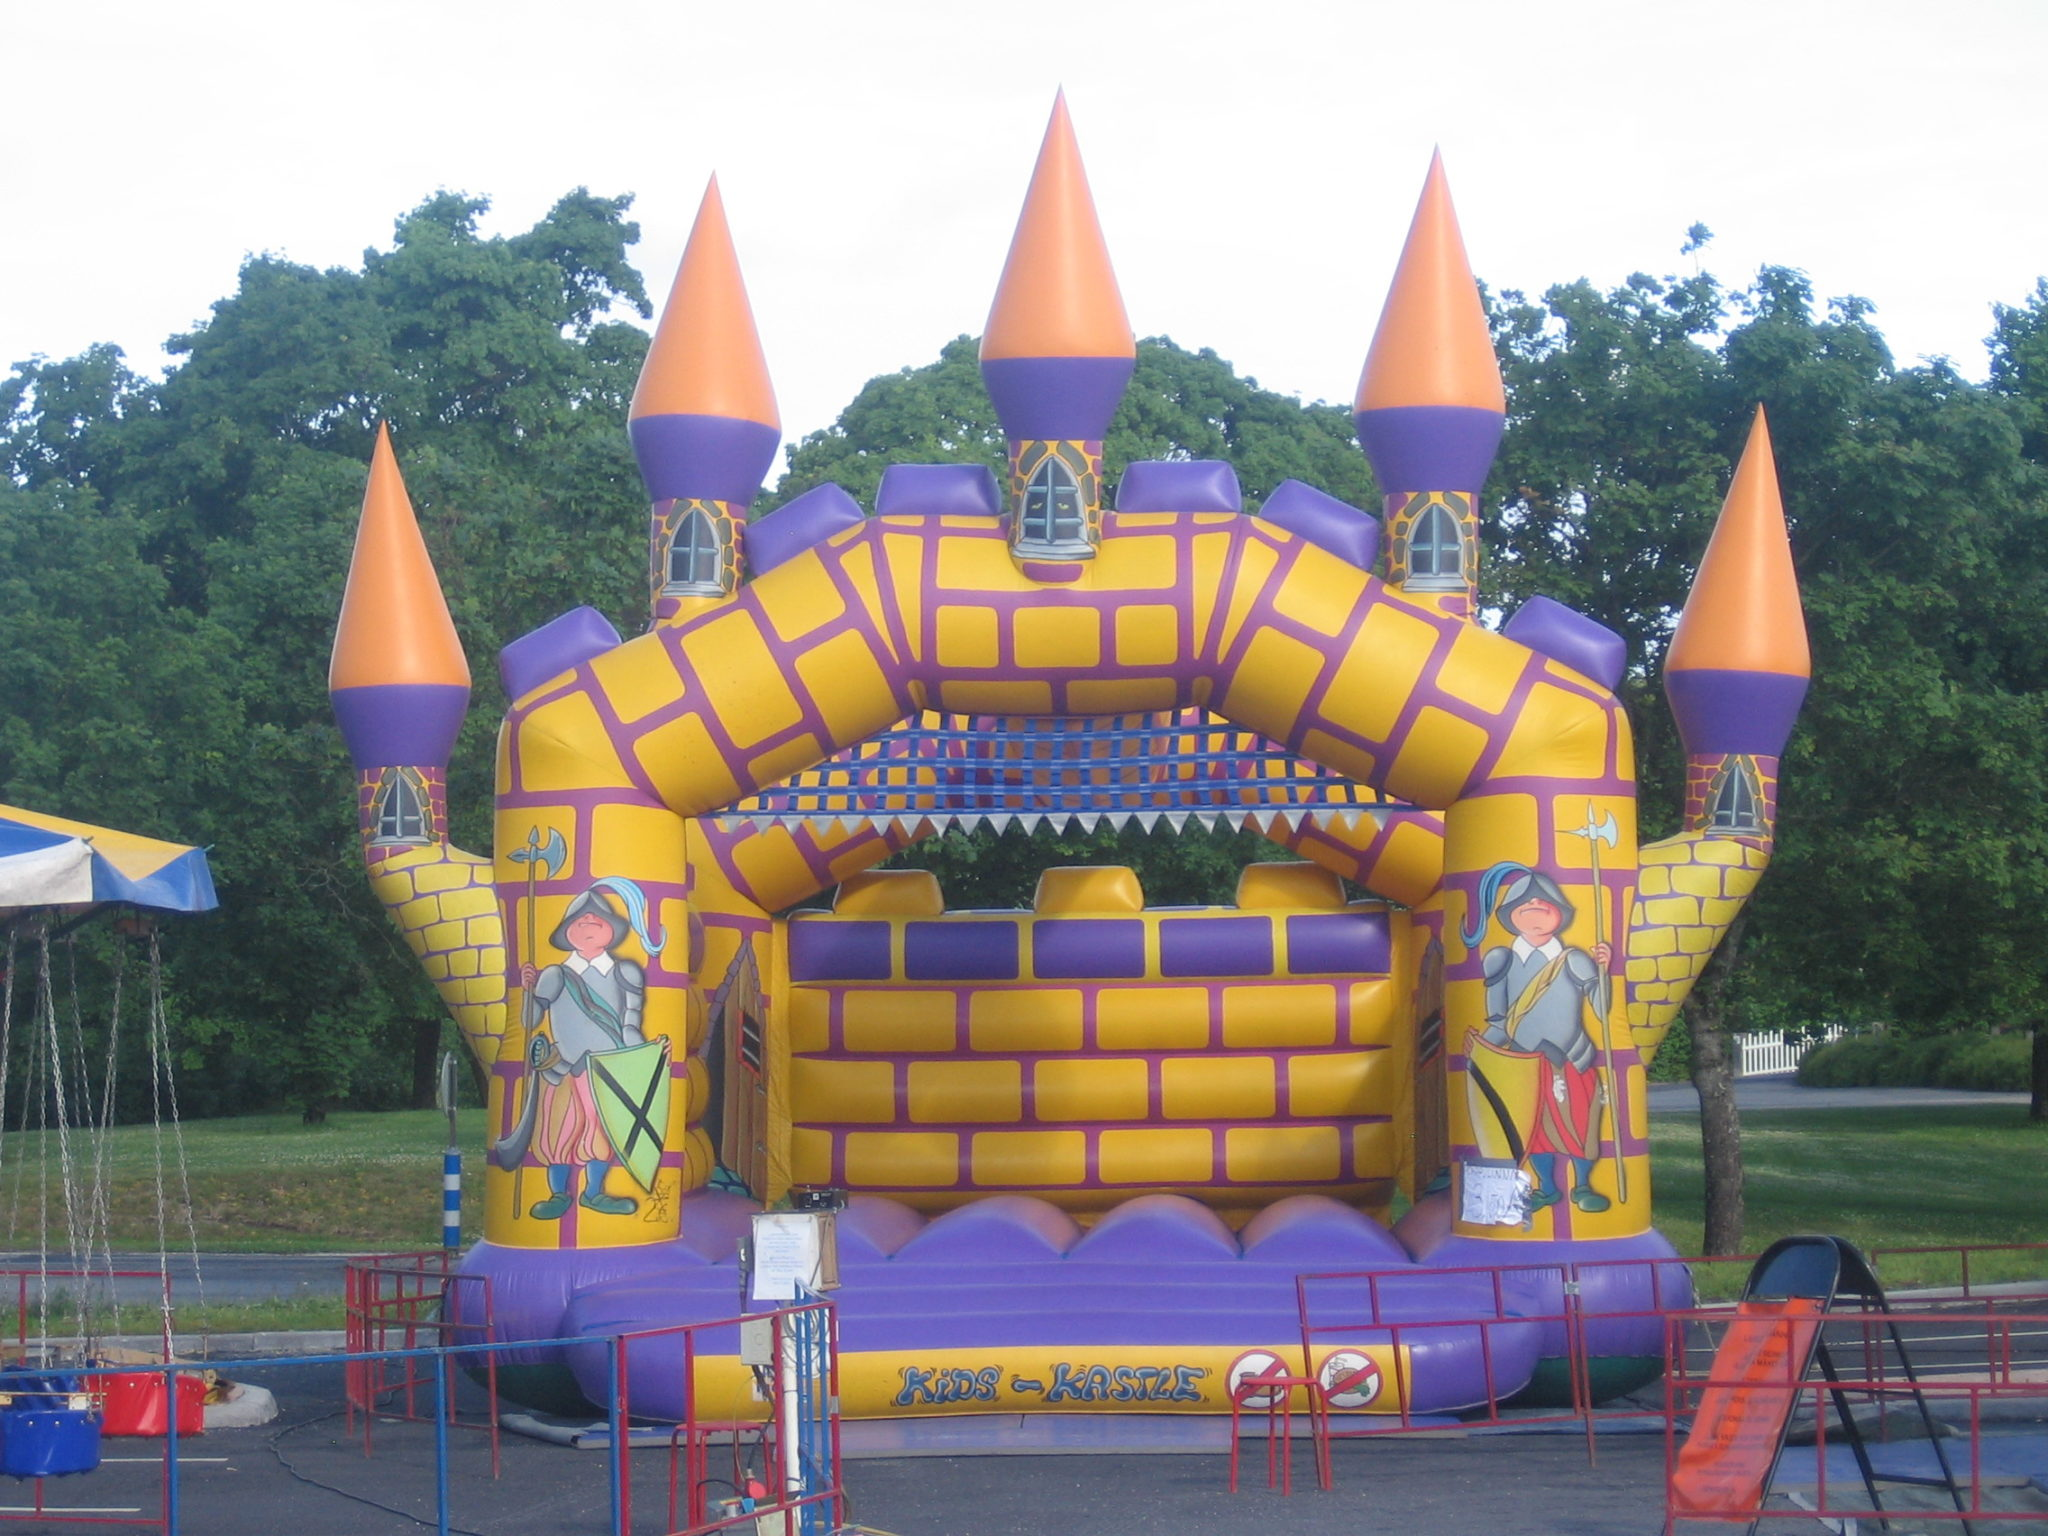 Pomppulinna Klassikko pomppulinna josta varmasti kaikki lapset tykkäävät! Eikun pomppimaan ja pitämään hauskaa! Pomppulinnoja tivolilla on useampia.